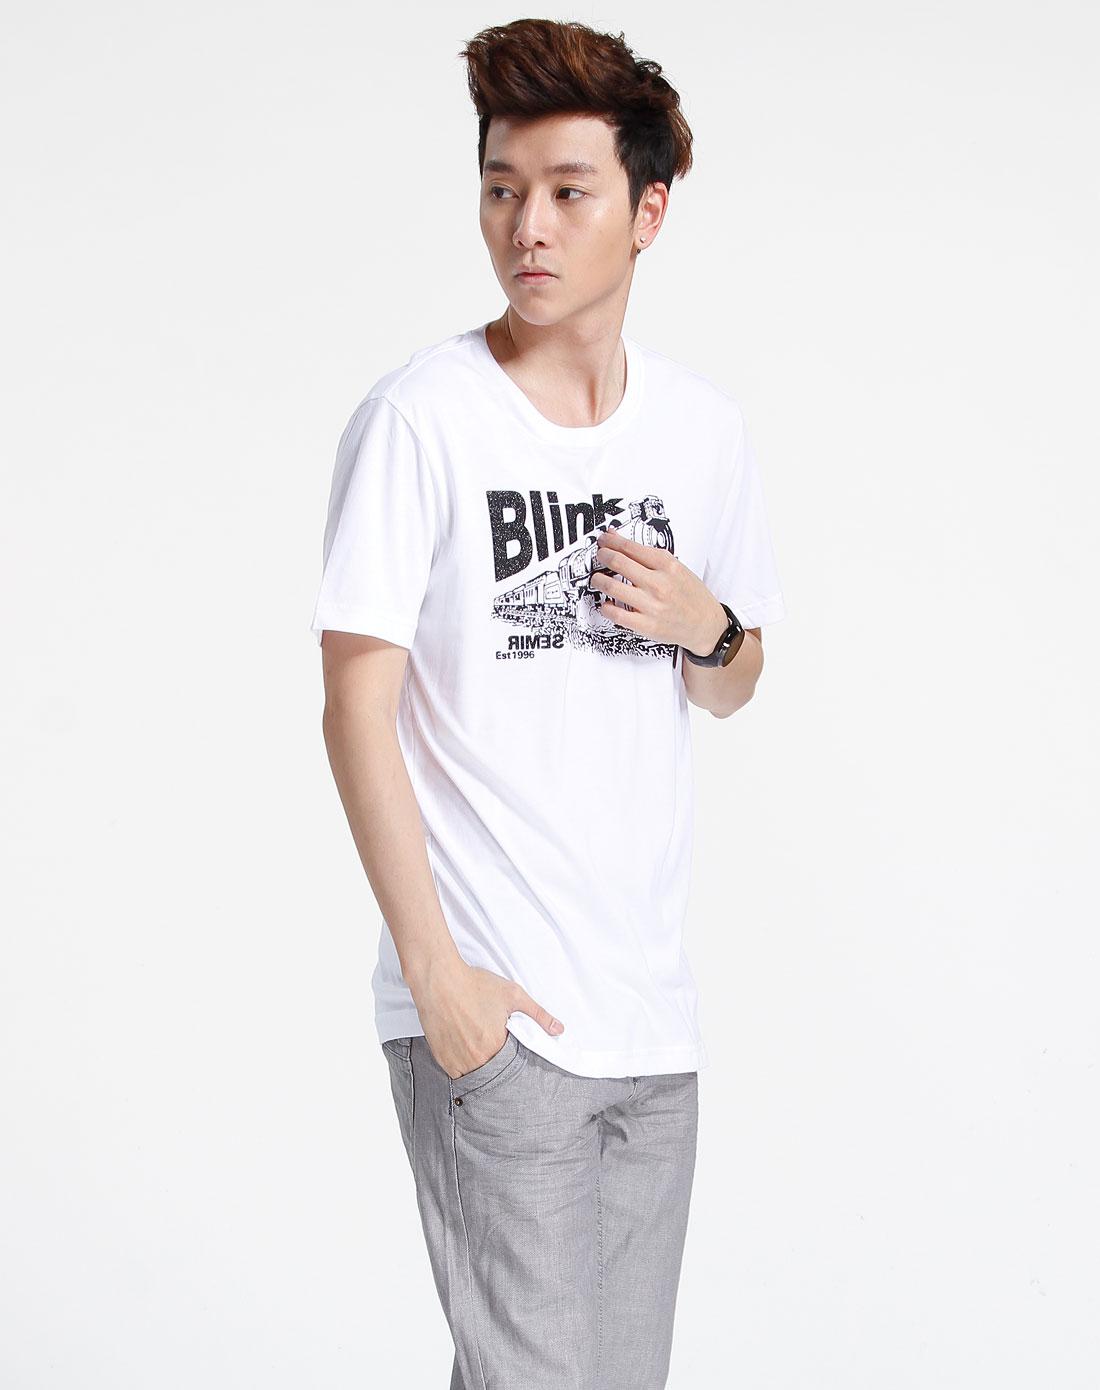 森马-男装白色烫钻印图短袖t恤002151534-100图片